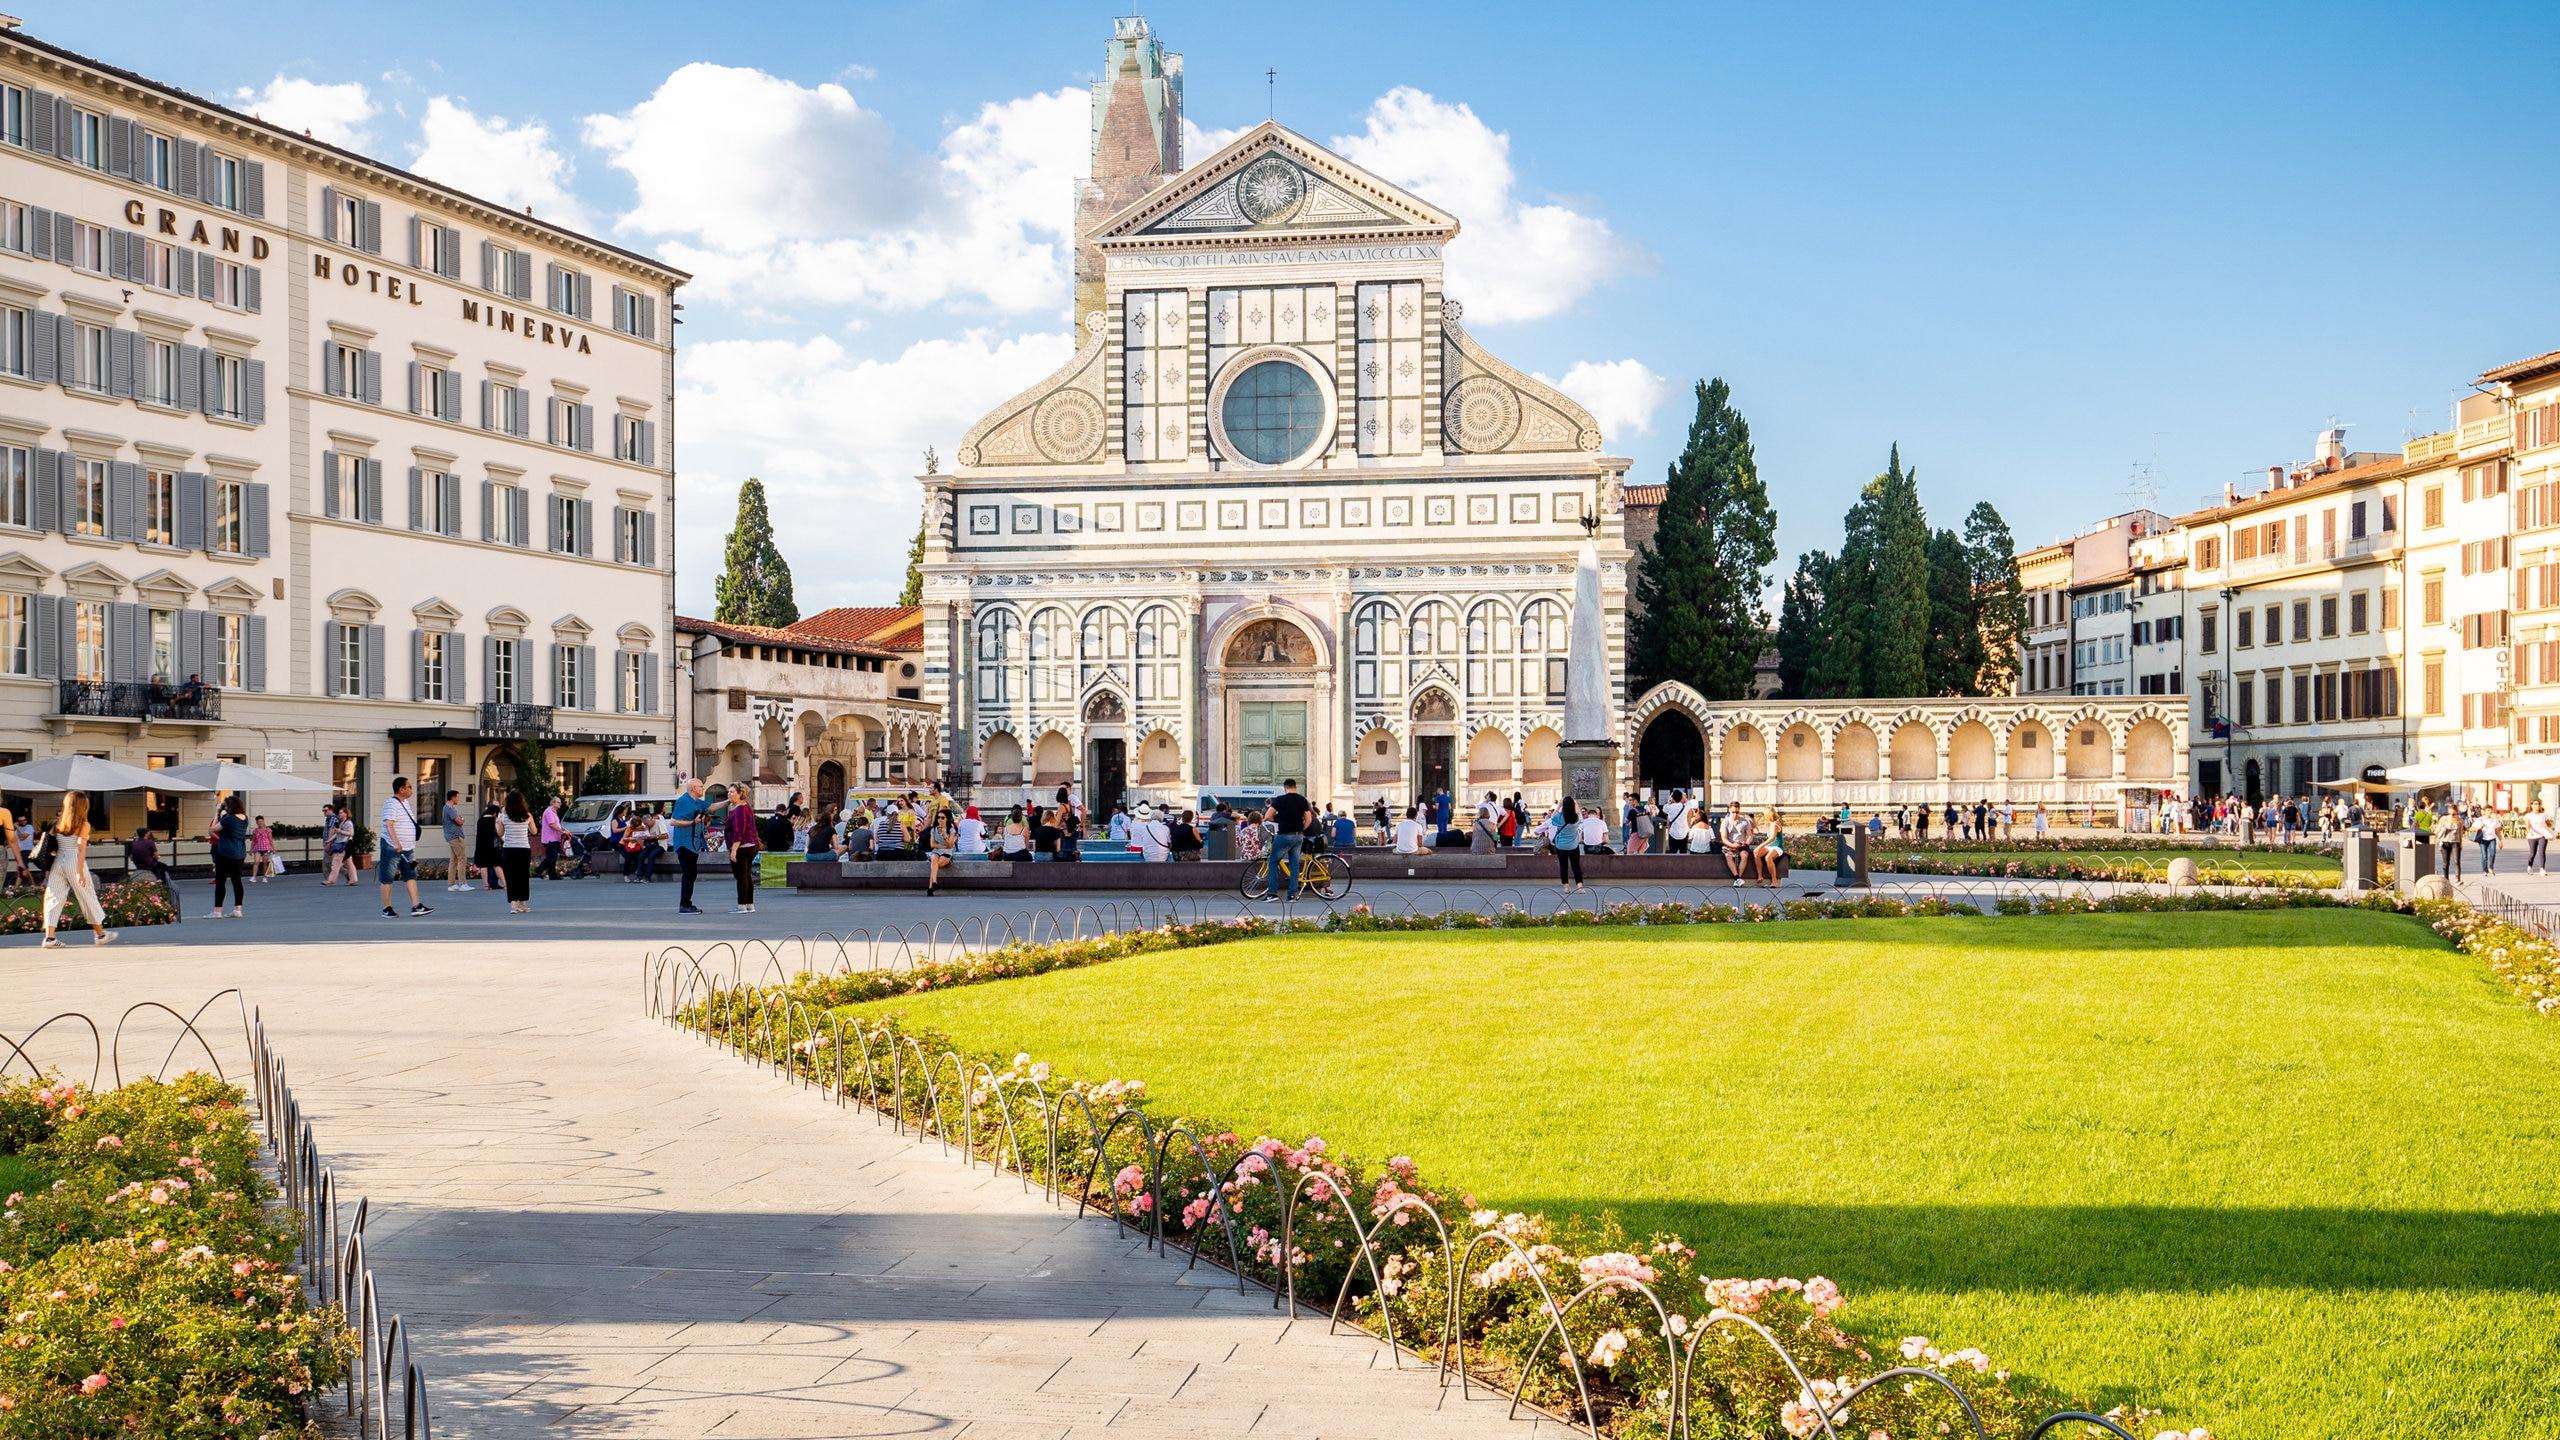 Etter et besøk ved Piazza di Santa Maria Novella bør du sette av tid til å få med deg de andre severdighetene og aktivitetene i Firenze. Dette urbane området har elveutsikt det er hyggelig å gå langs, og interessante museer du også bør oppleve.